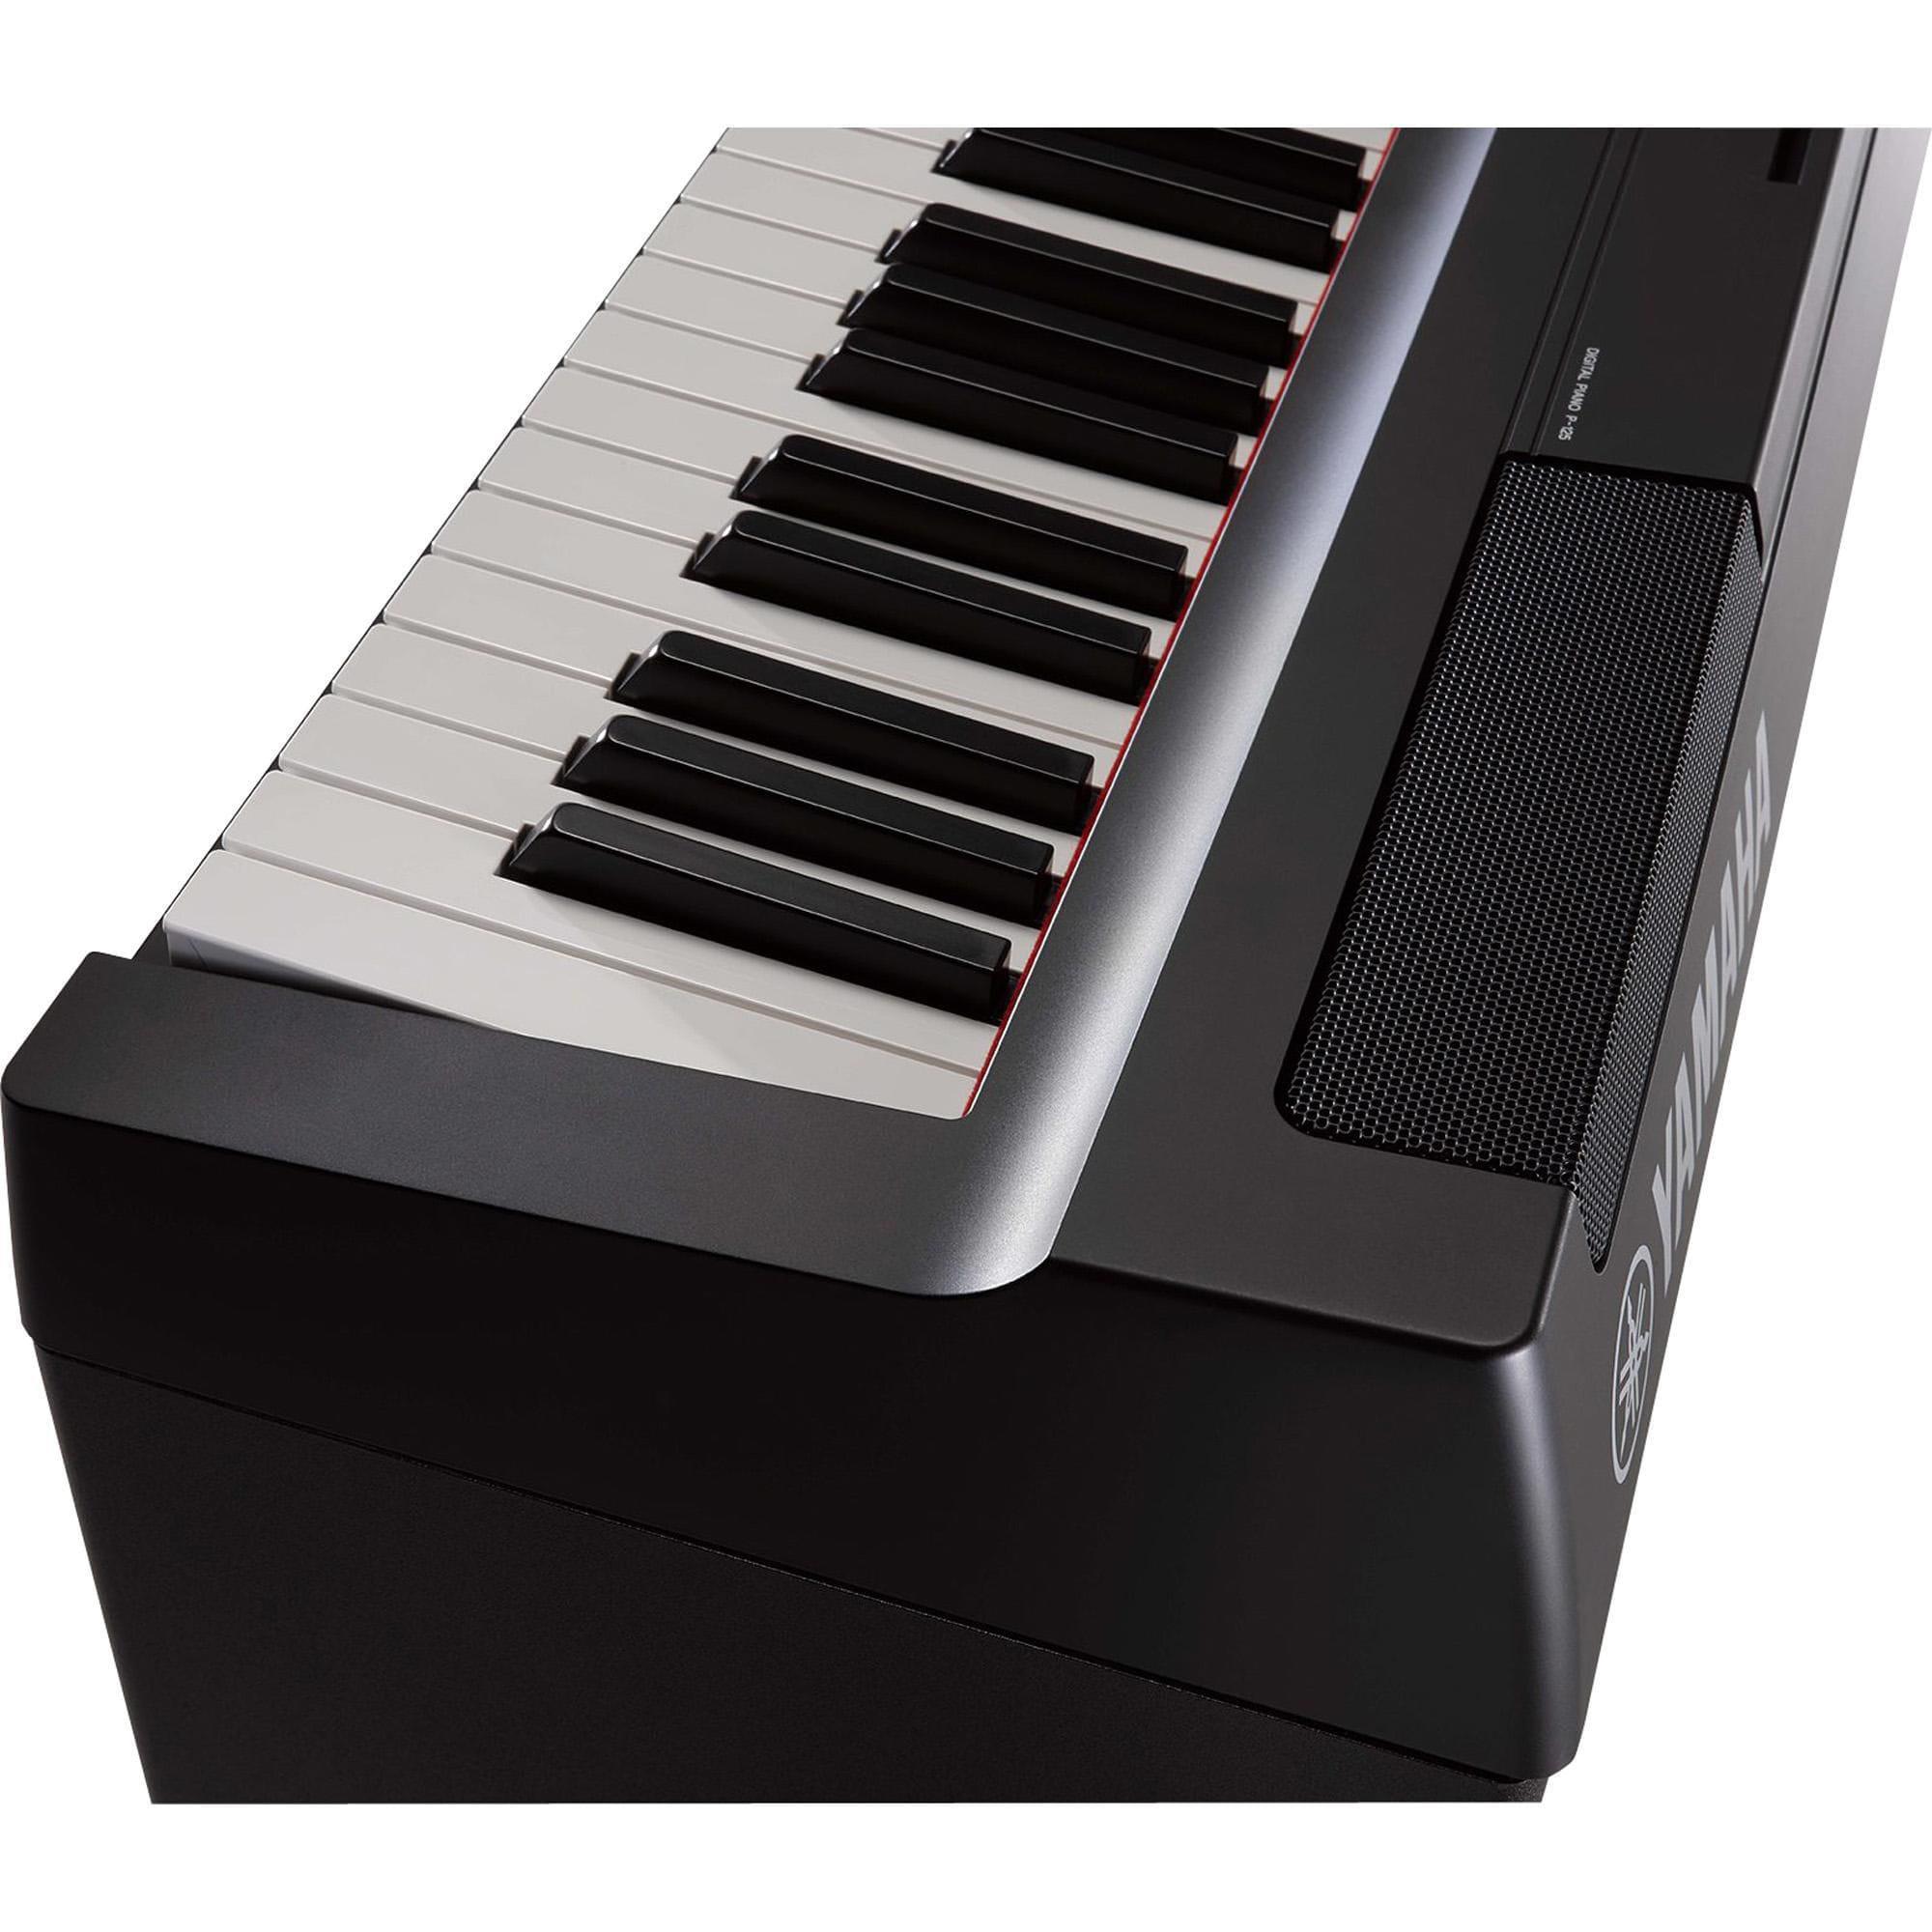 Yamaha Piano Digital Compacto P125 B (Com Pedal e Fonte)